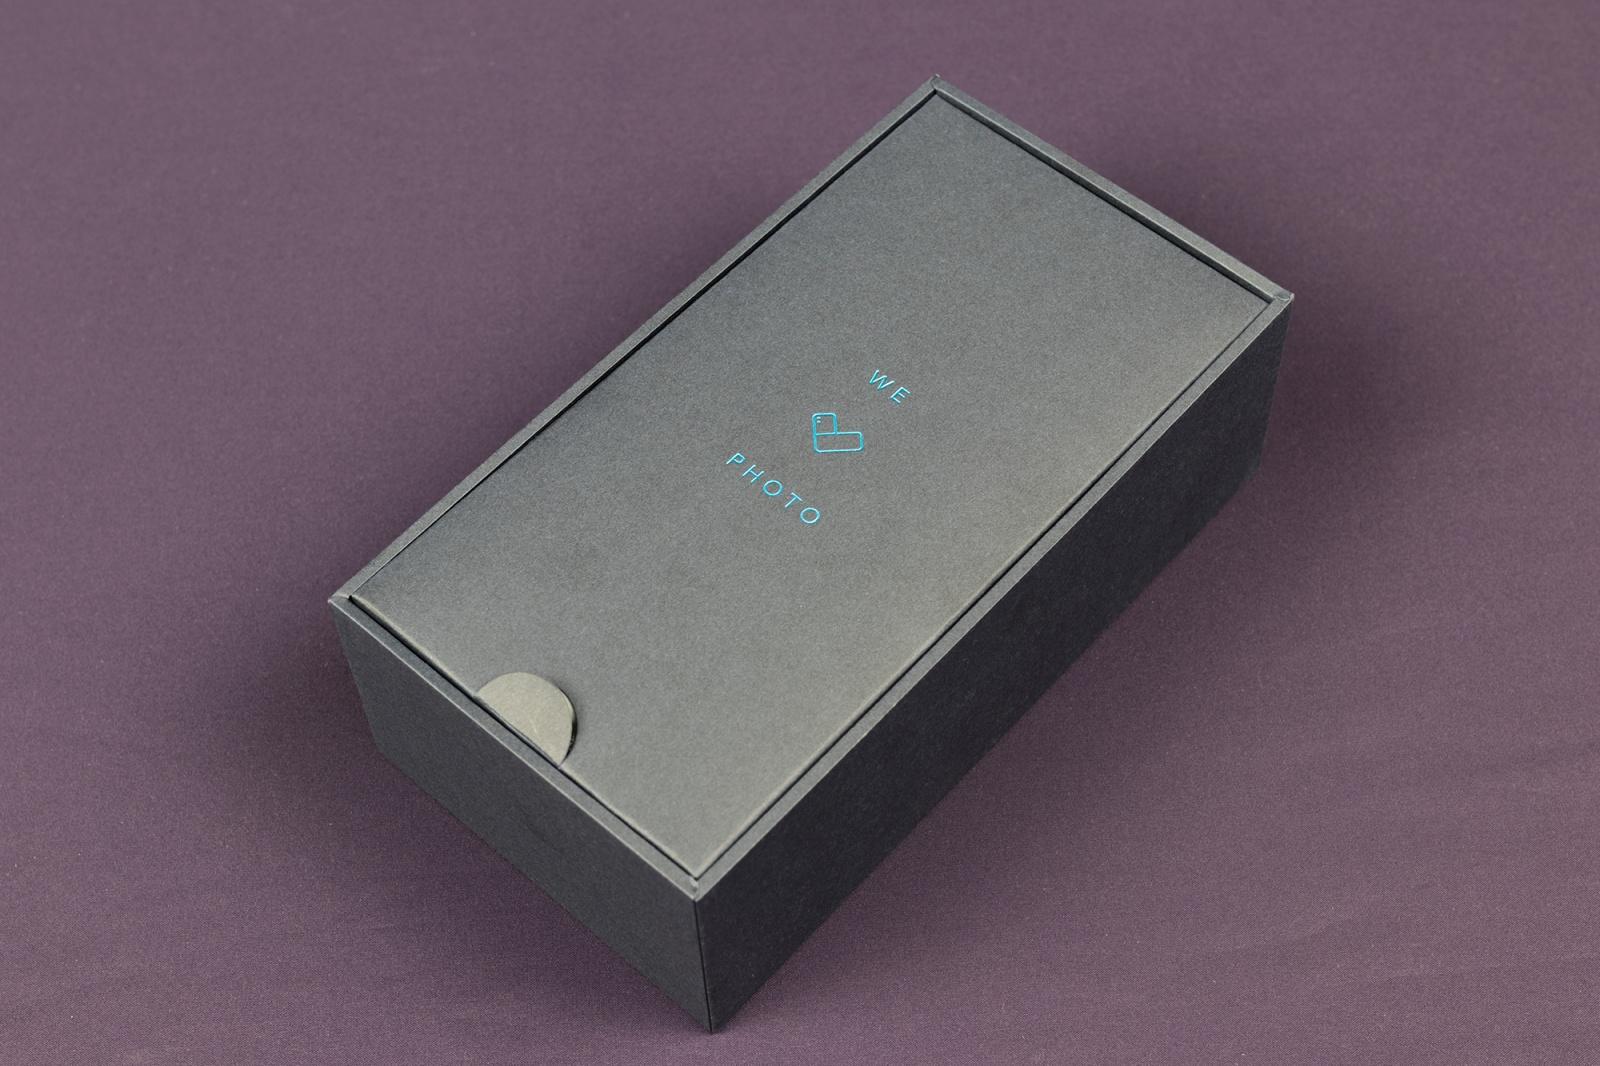 Обзор смартфона ASUS Zenfone 5 ZE620KL - 16